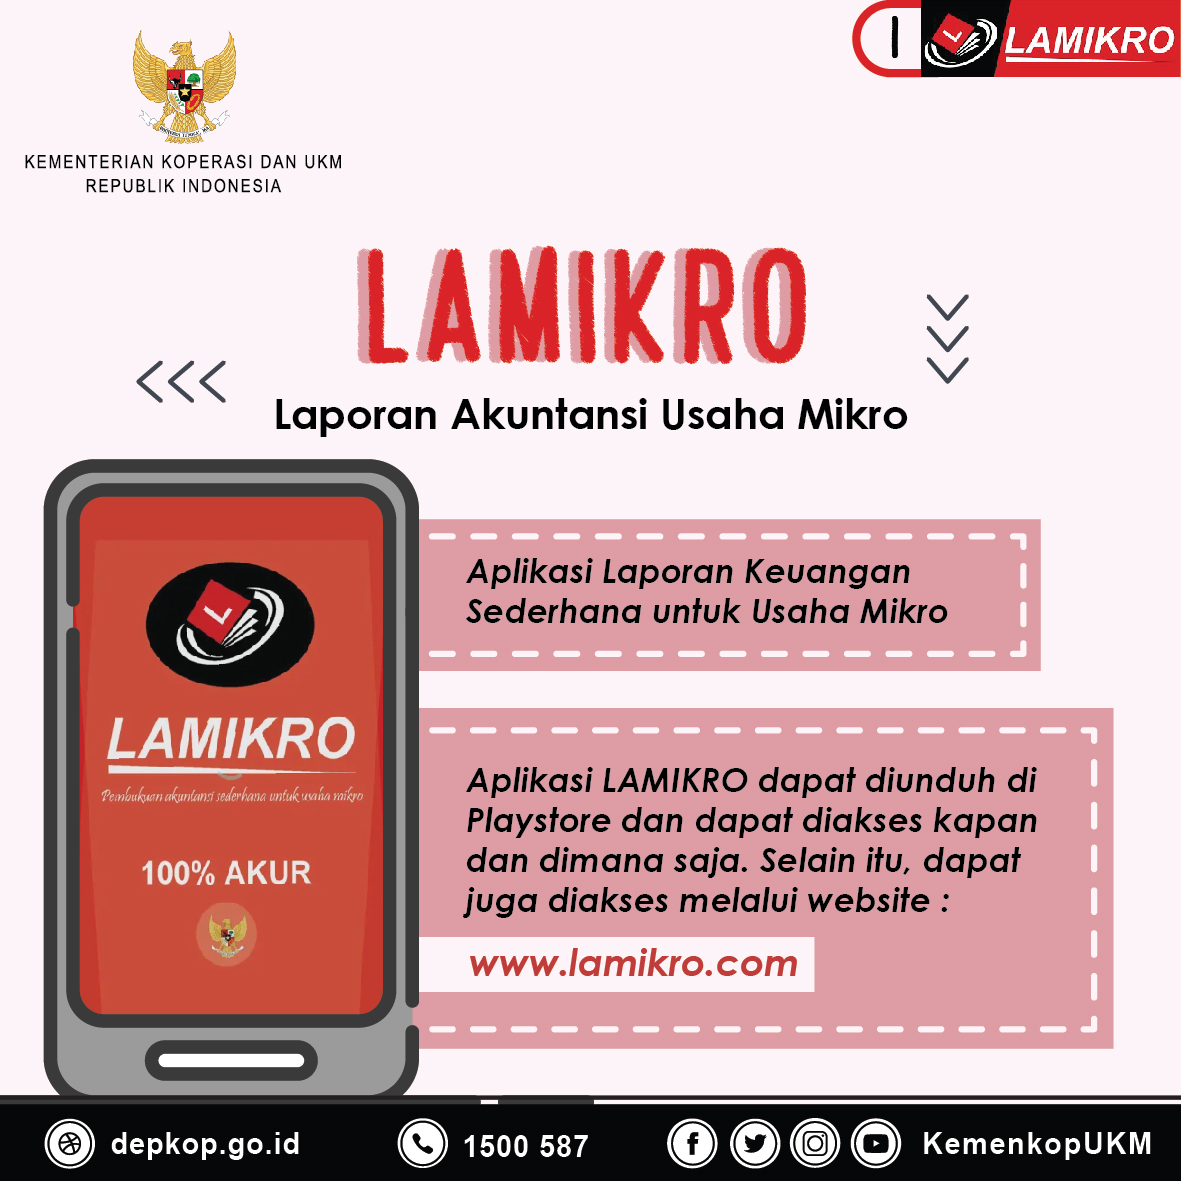 Lamikro Aplikasi Laporan Keuangan Sederhana Untuk Usaha Mikro